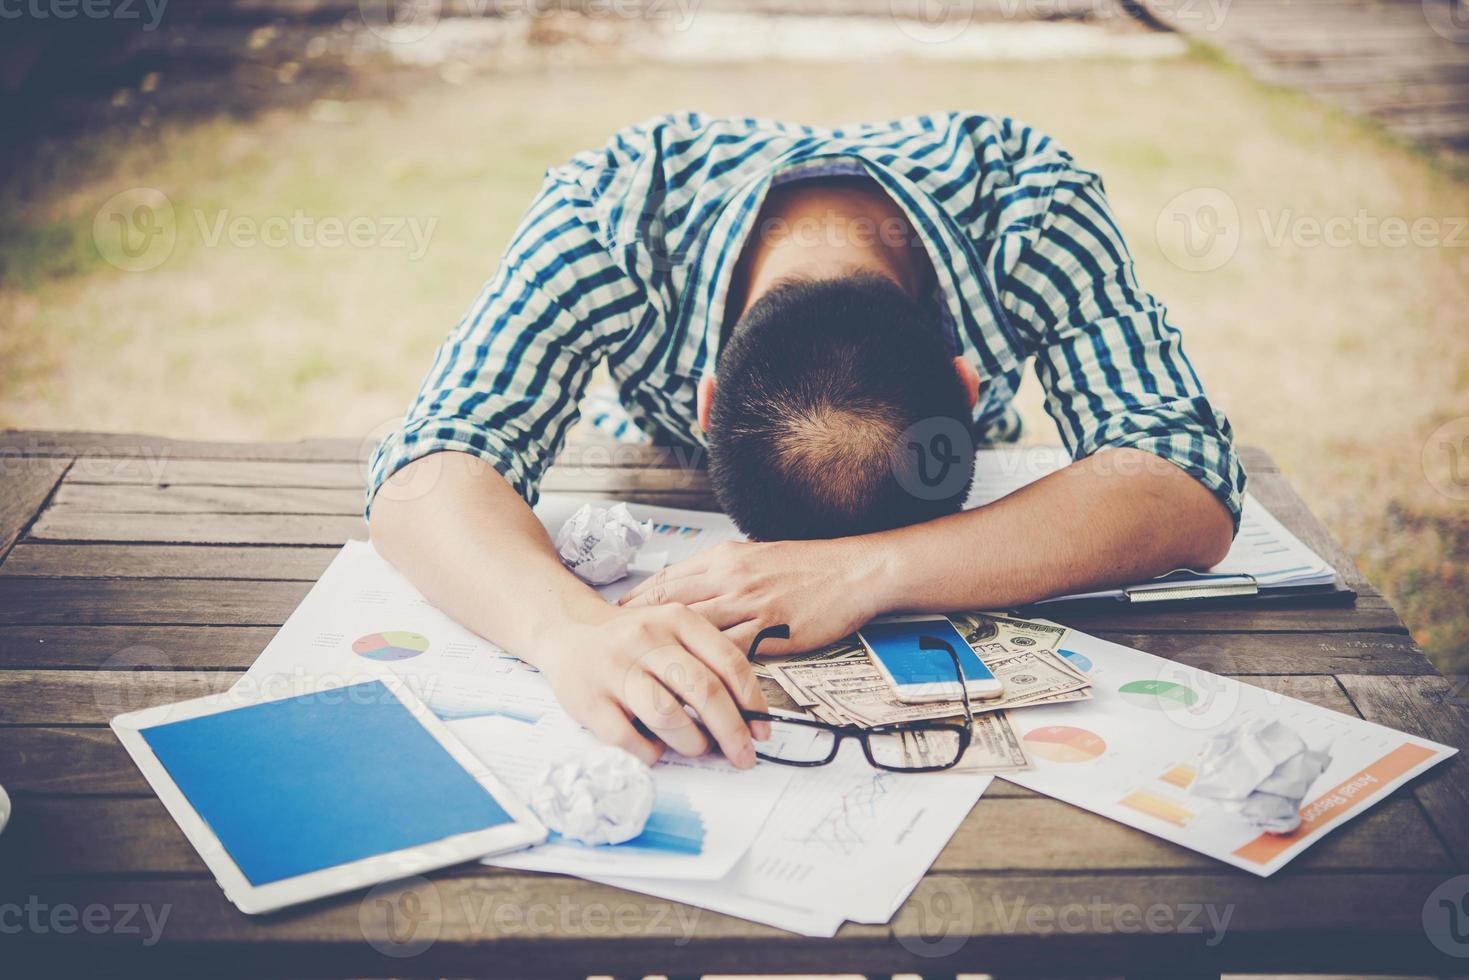 Hombre trabajador cansado durmiendo en el lugar de trabajo lleno de trabajo foto